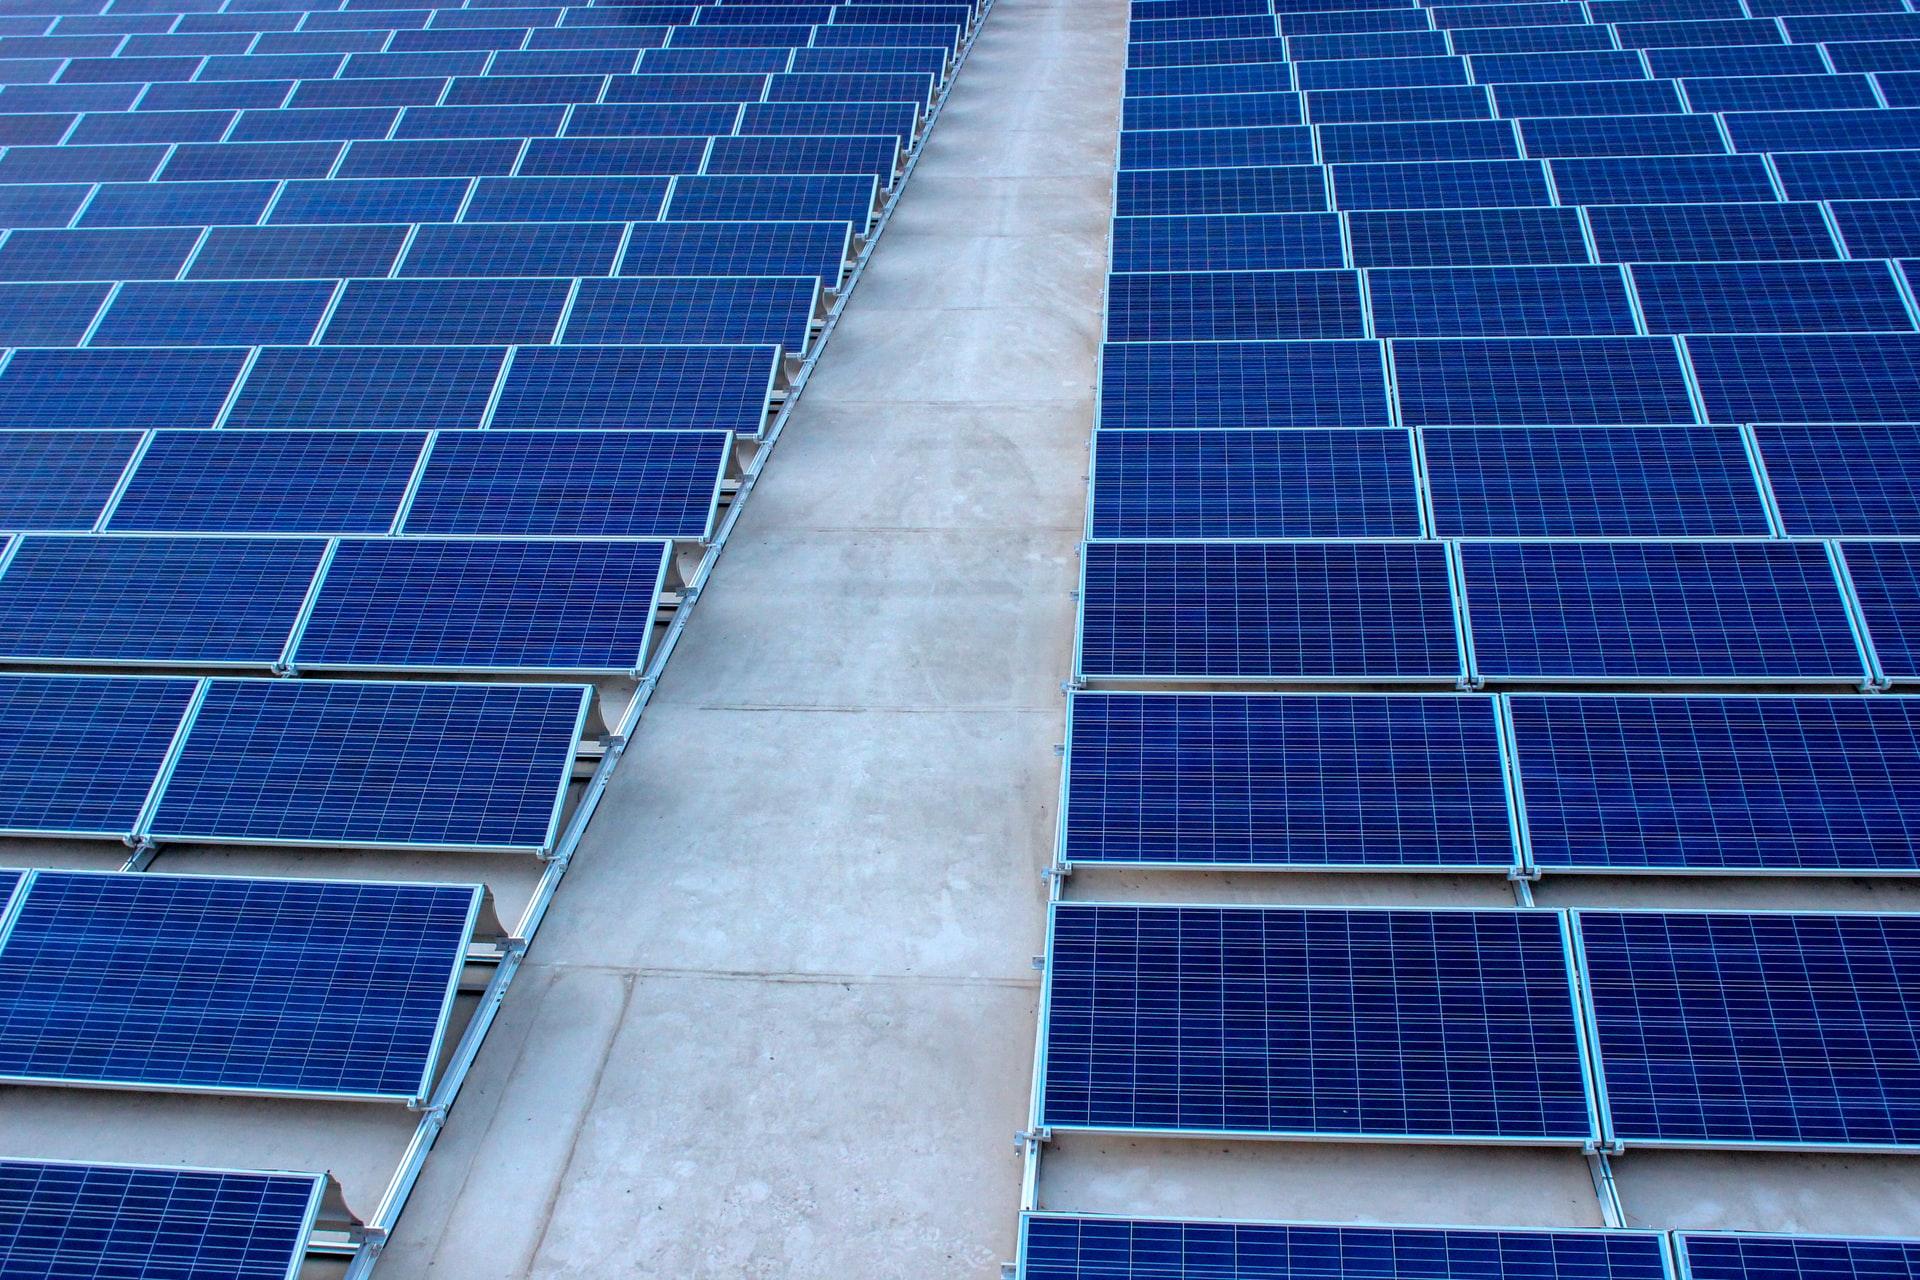 Instalación autoconsumo fotovoltaico